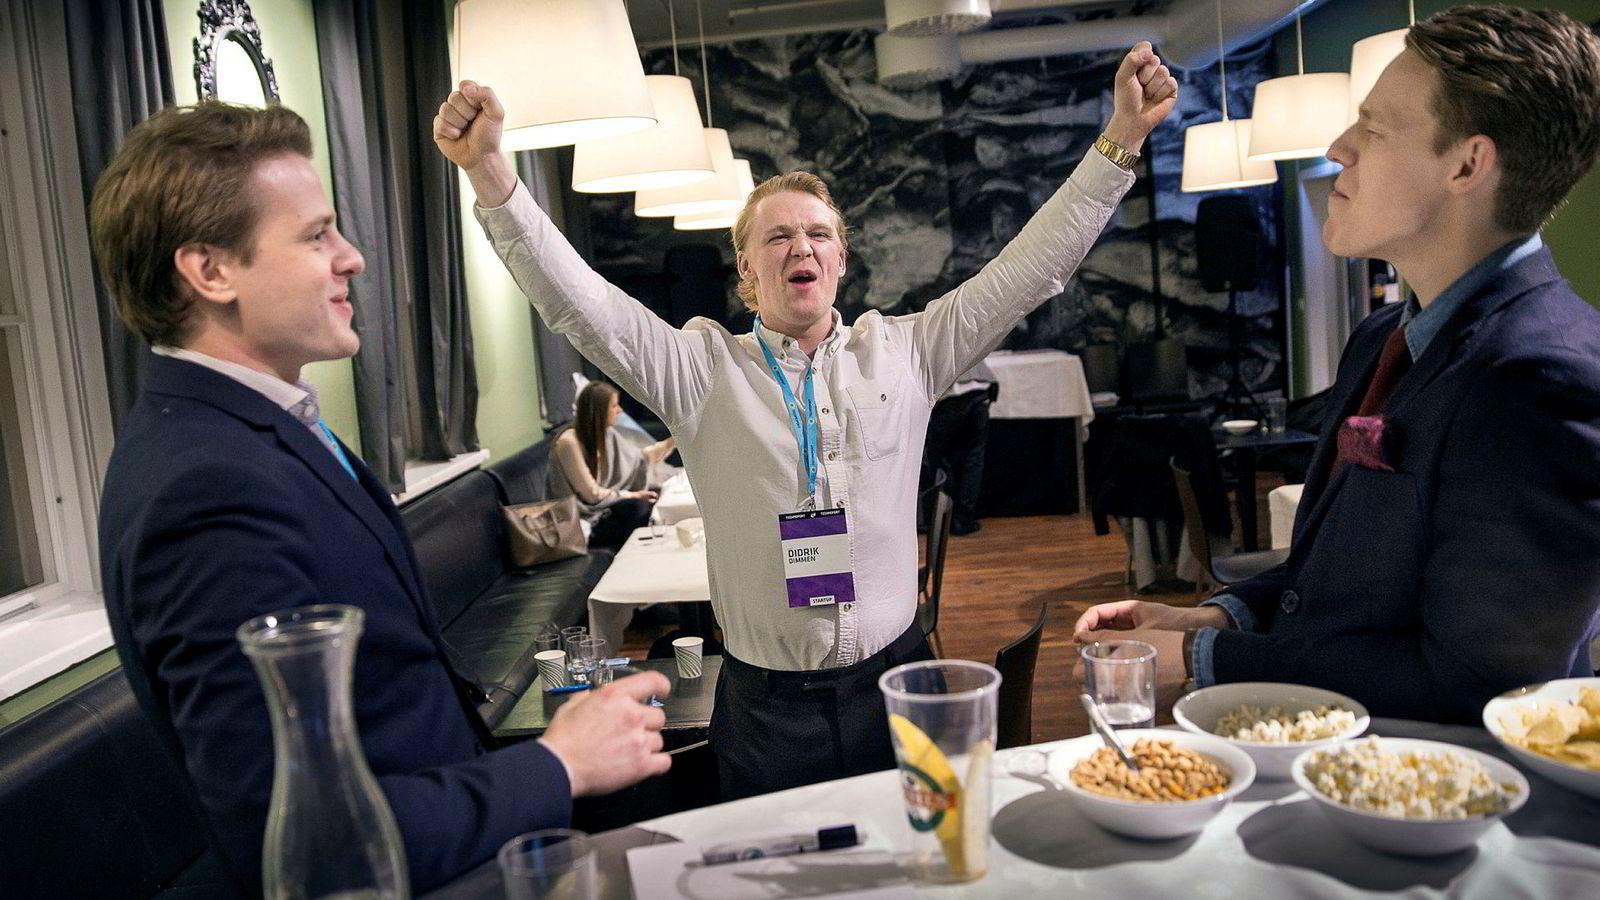 Flowmotion var i 2016 et av studentoppstartsfirmaene som konkurrerte om midlene under crowdfundingeventen på Samfundet i Trondheim, der folk kunne kjøpe aksjer i et av fire firmaer. Fra Flowmotion deltok fra venstre: Lars Mangerud Flesland, Didrik Dege Dimmen og Eirik Husby Dyrset. I sommer gikk selskapet konkurs.